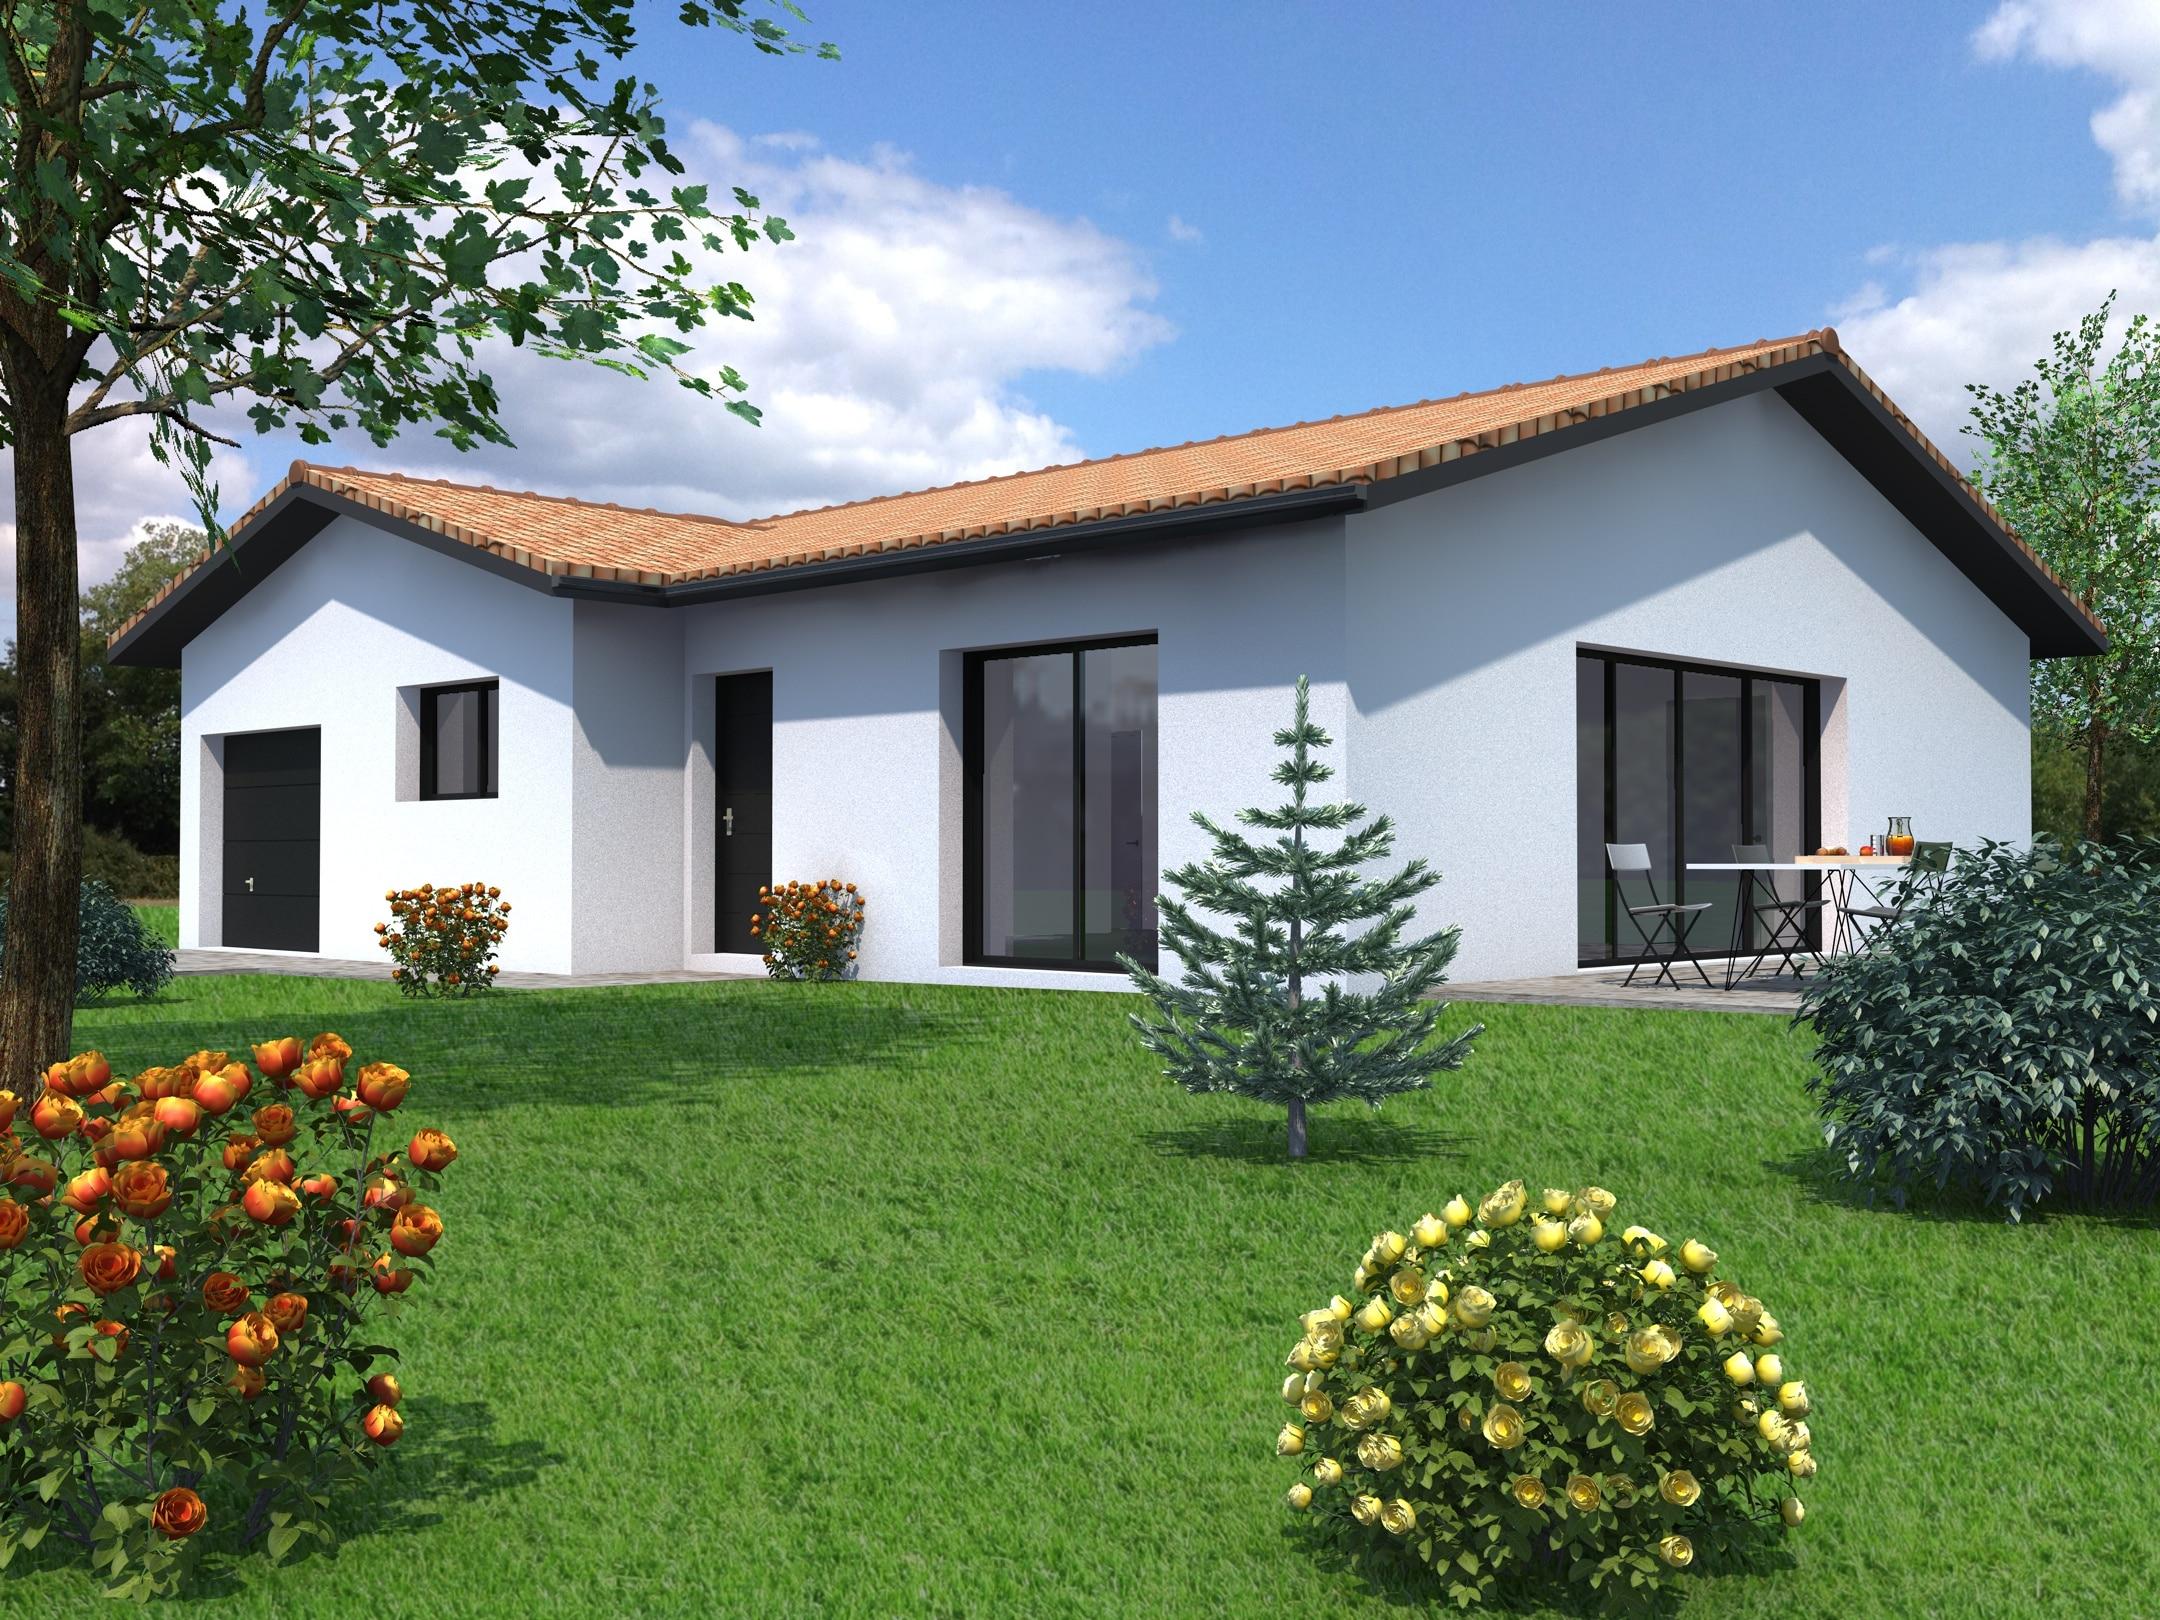 Maison neuve 44 traditionnelle 131 000 sur mesure mf construction for Maison neuve construction